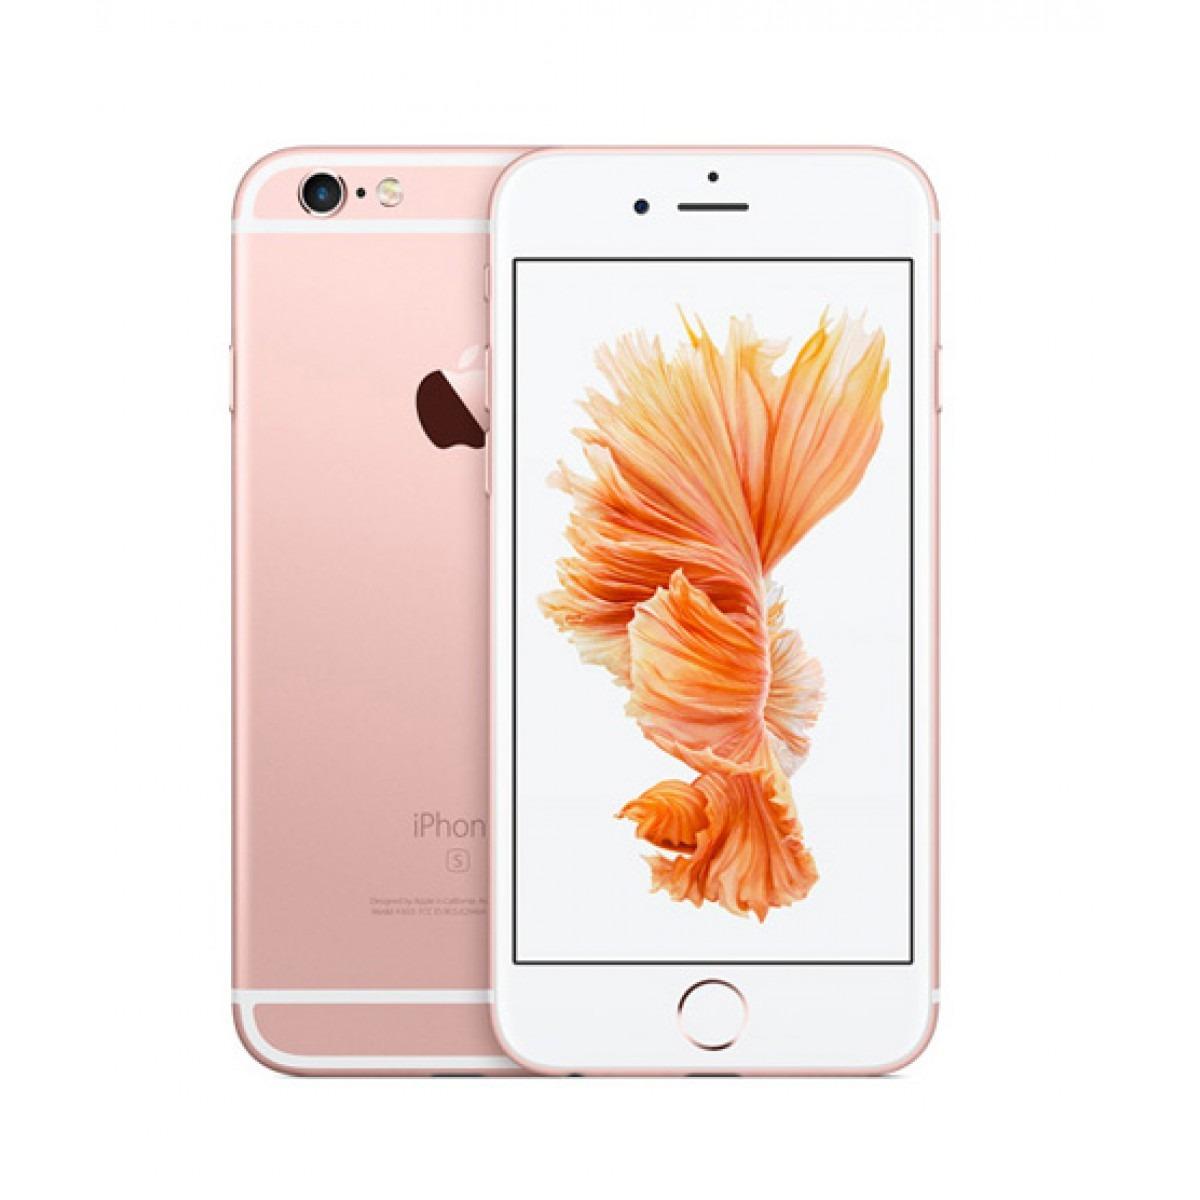 科技早闻:苹果发布史上最贵手机:加密货币暴跌80%